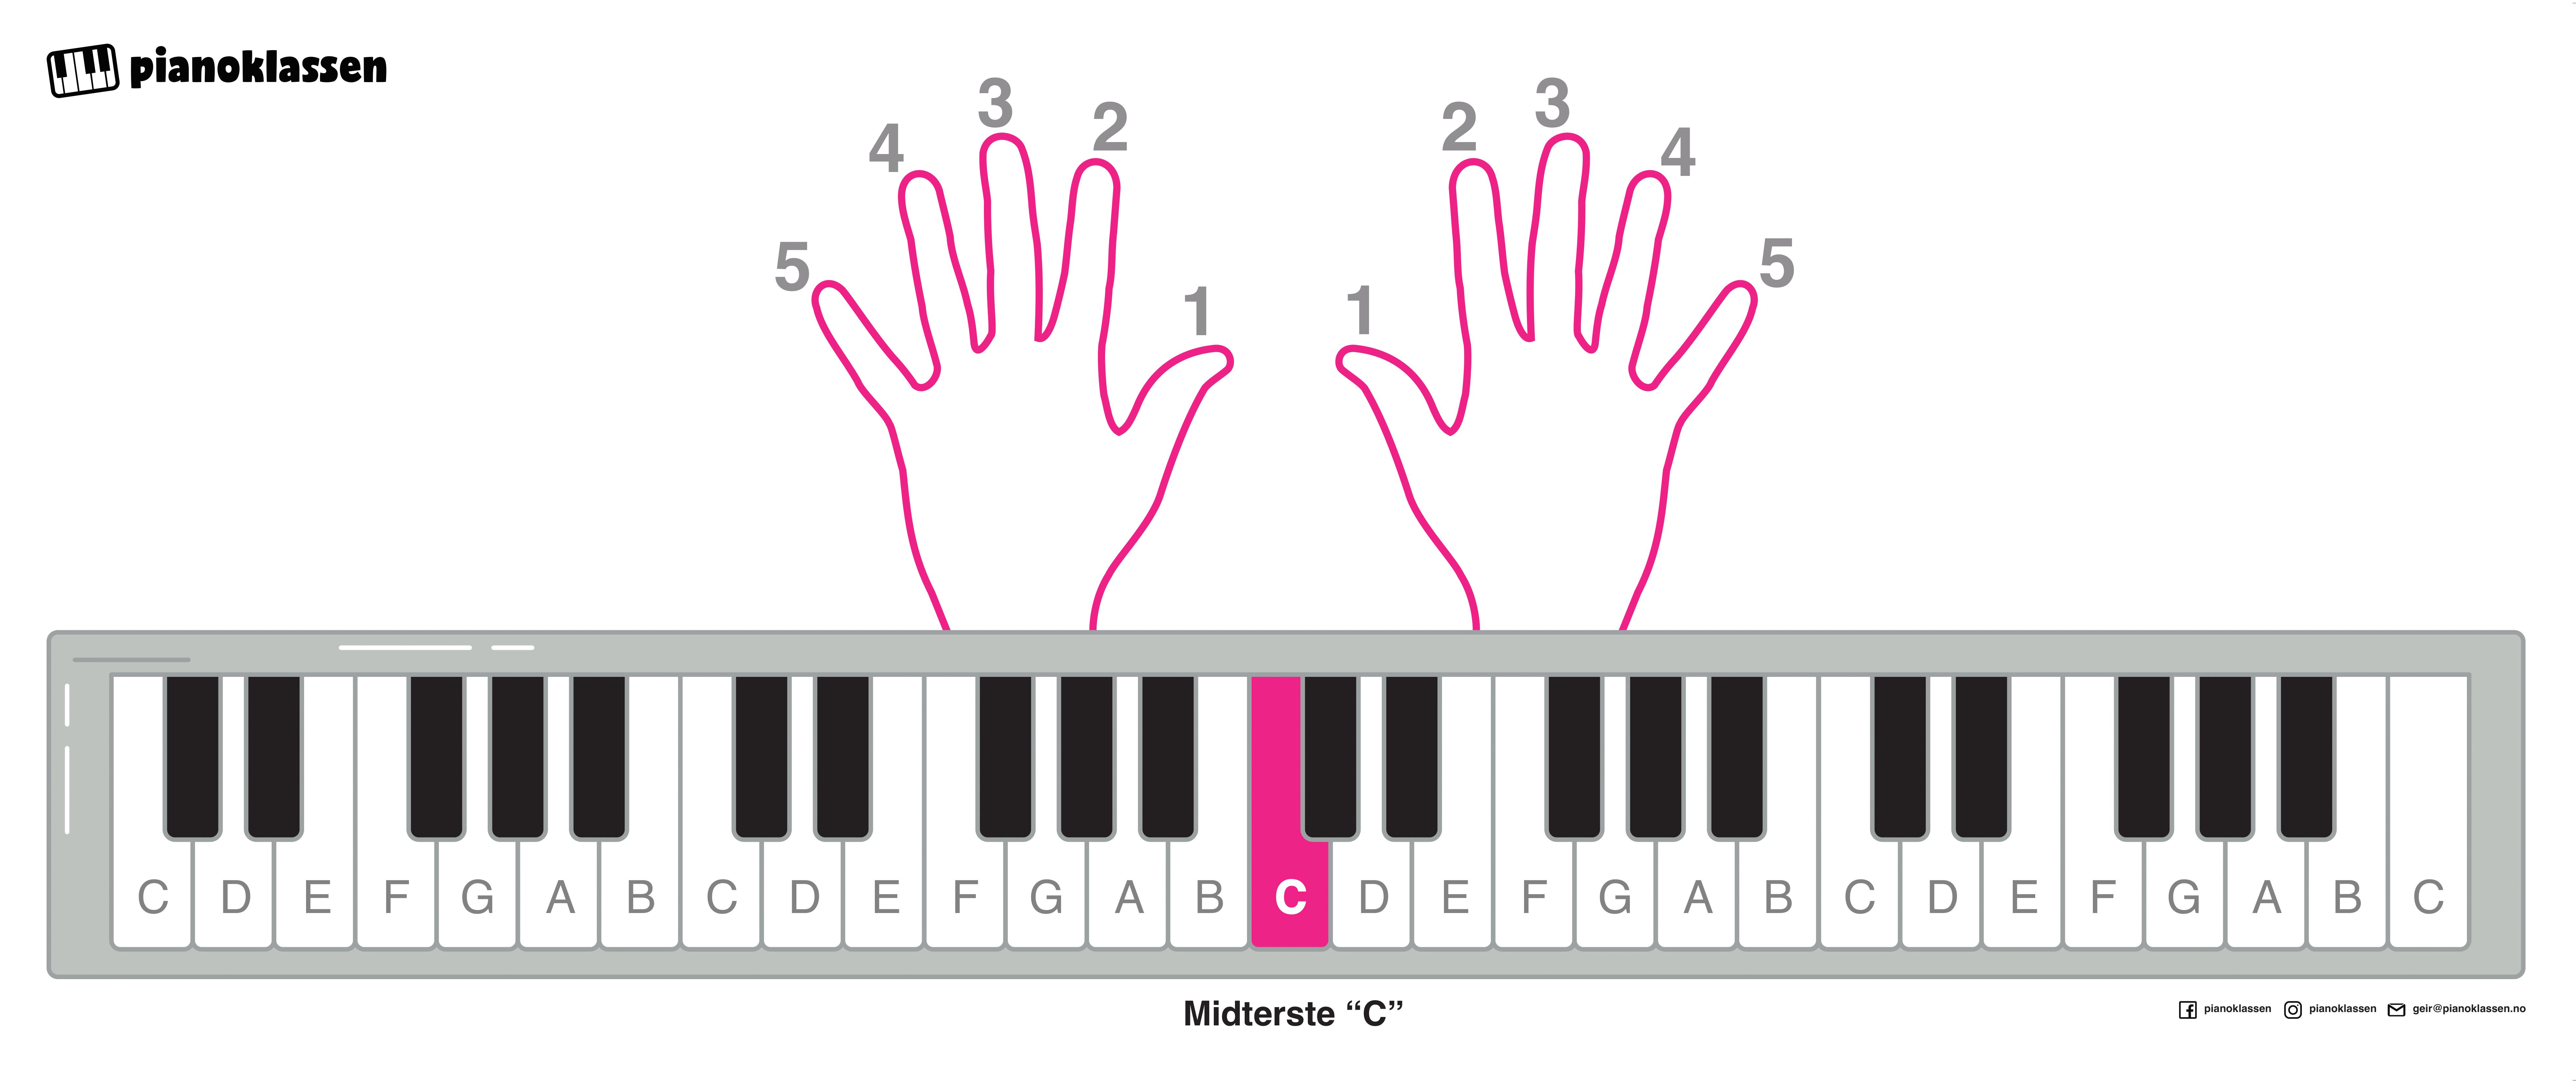 Visualiseringsplakaten på pianoklassen.no